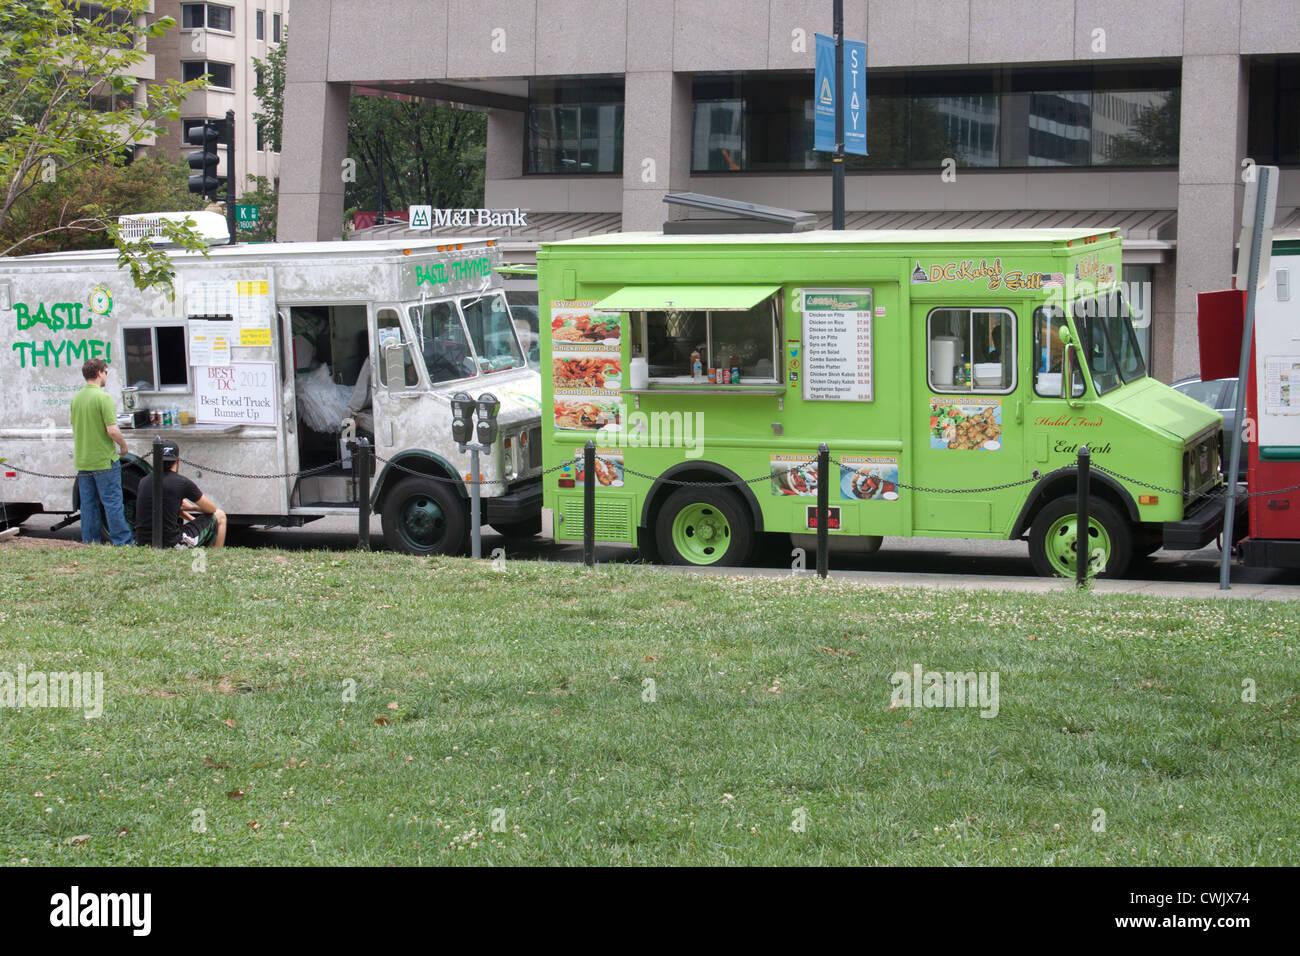 Farragut Square Food Trucks